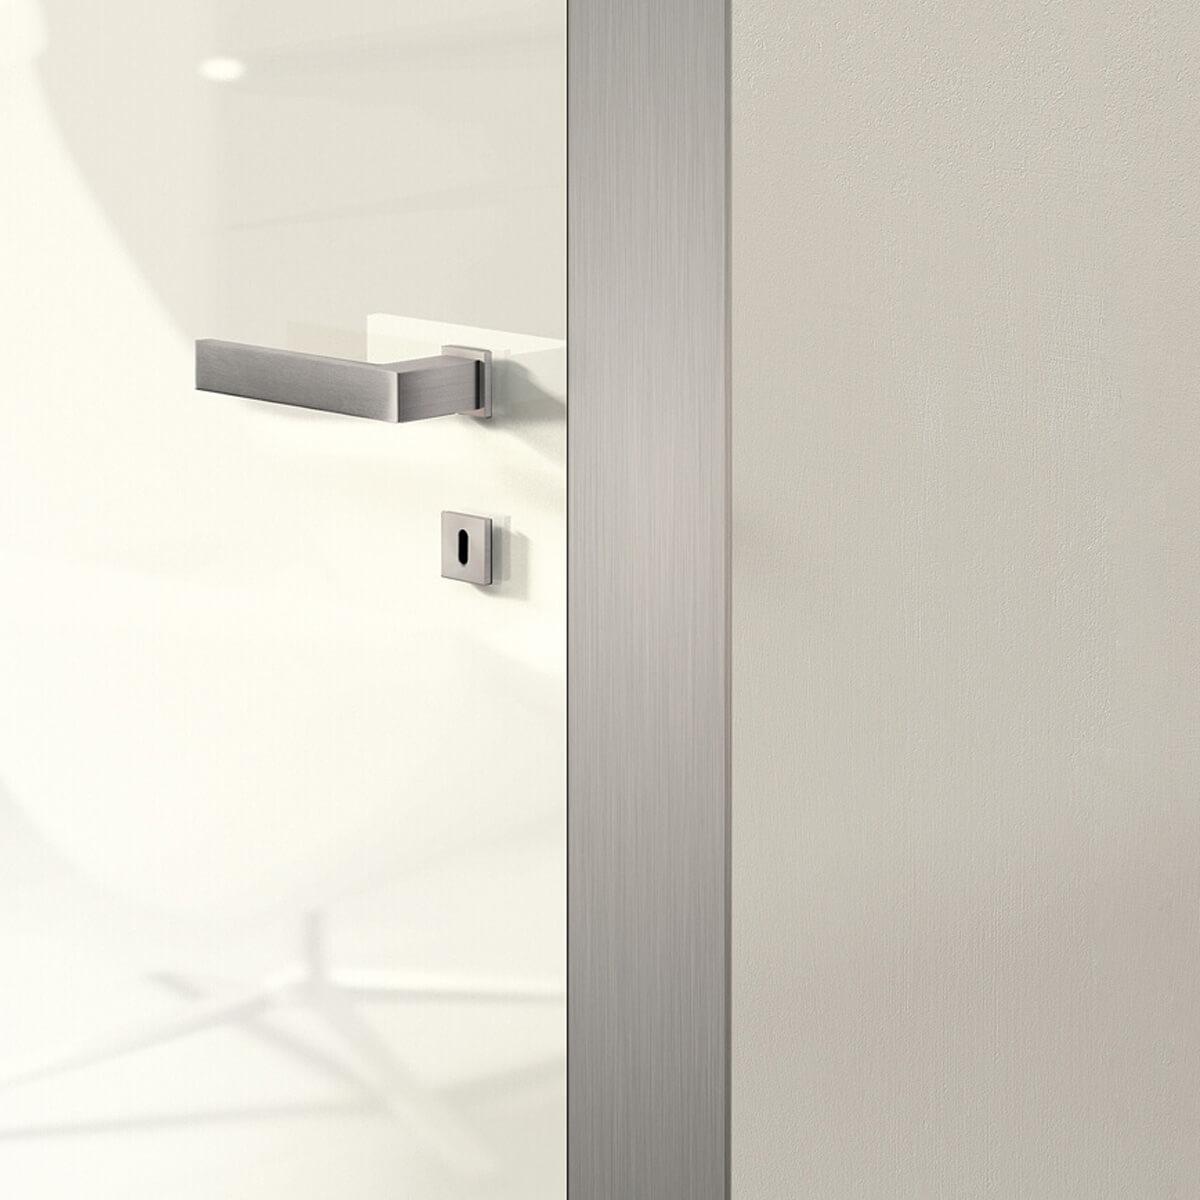 Iki - dettaglio porte interne legno laccate bianche